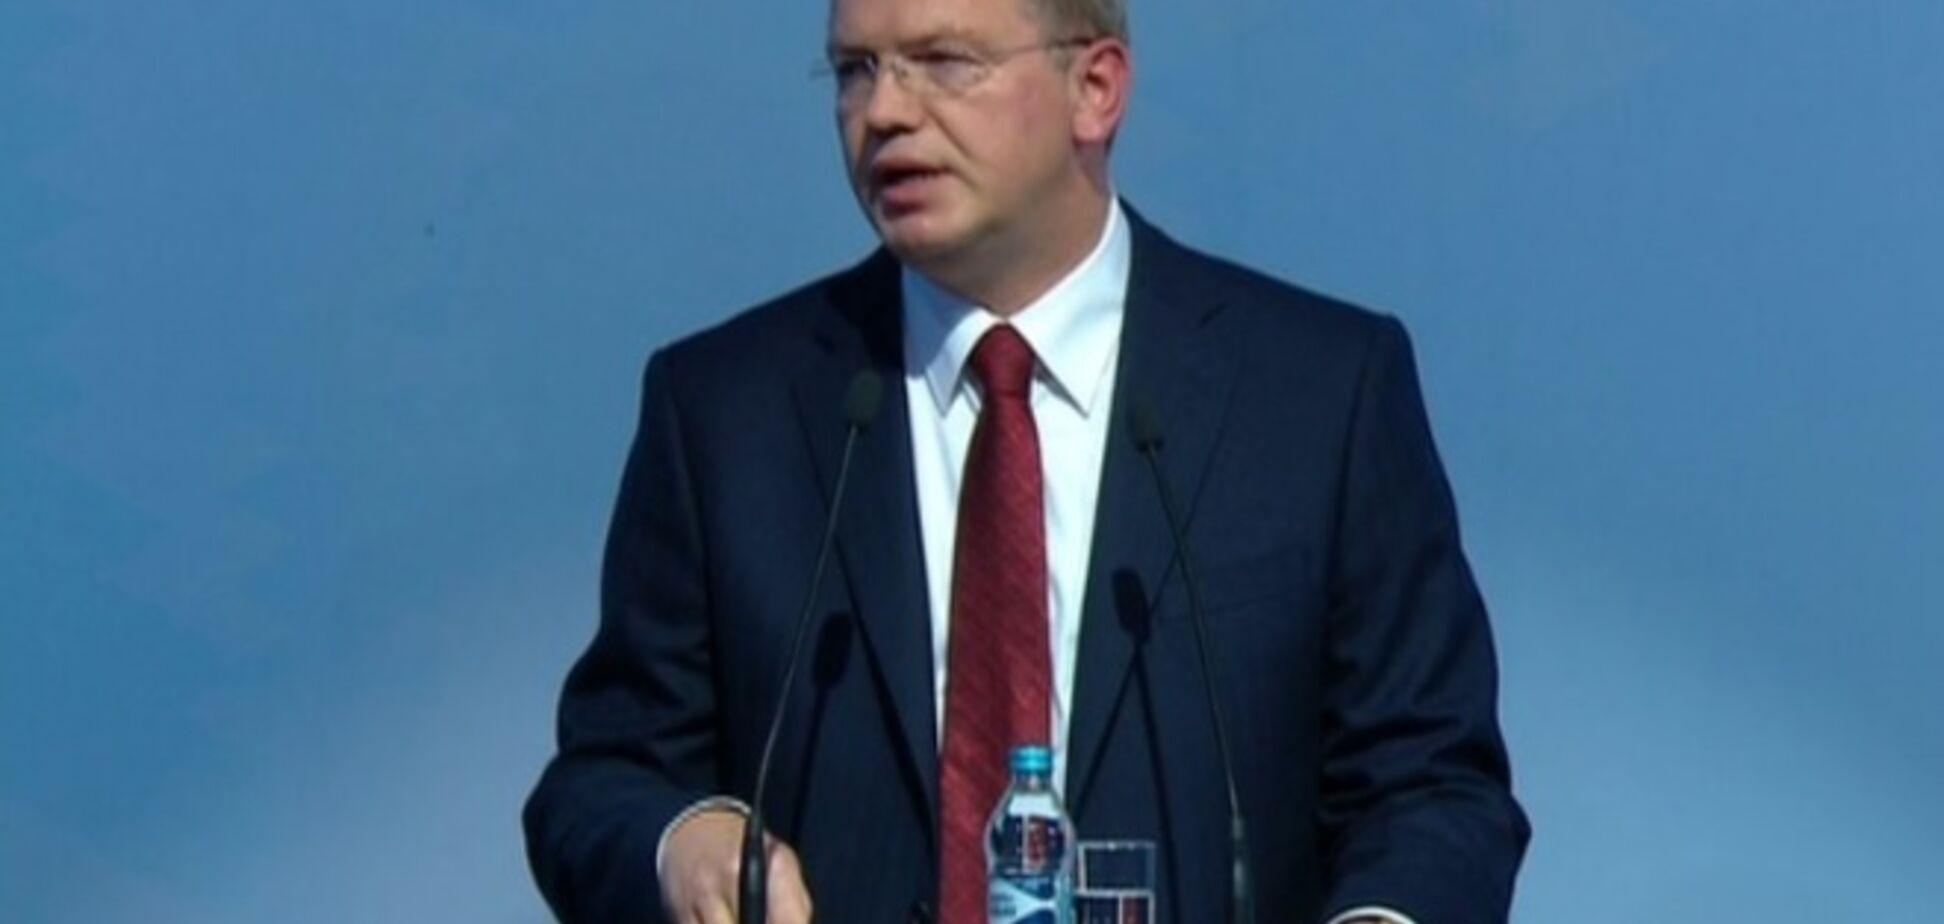 Крымские товары попадут на рынки ЕС при одном условии - Фюле